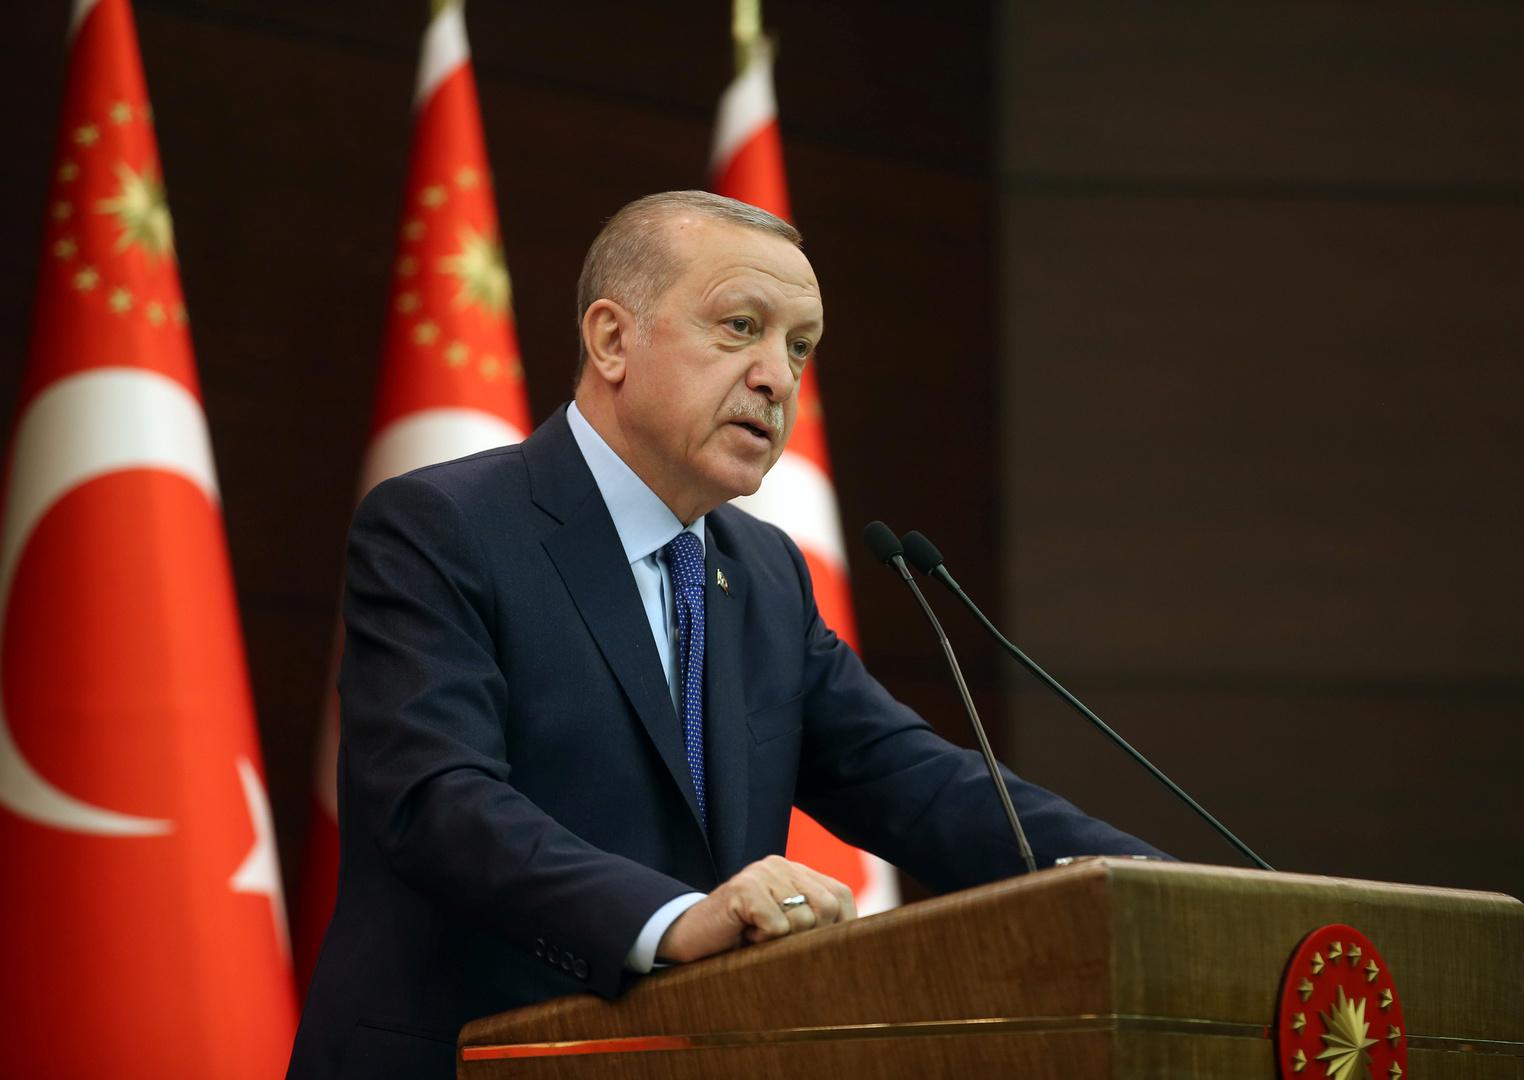 أردوغان: تفجير بيروت مؤلم جدا ولا نعلم من هي الجهة التي تسببت في ذلك